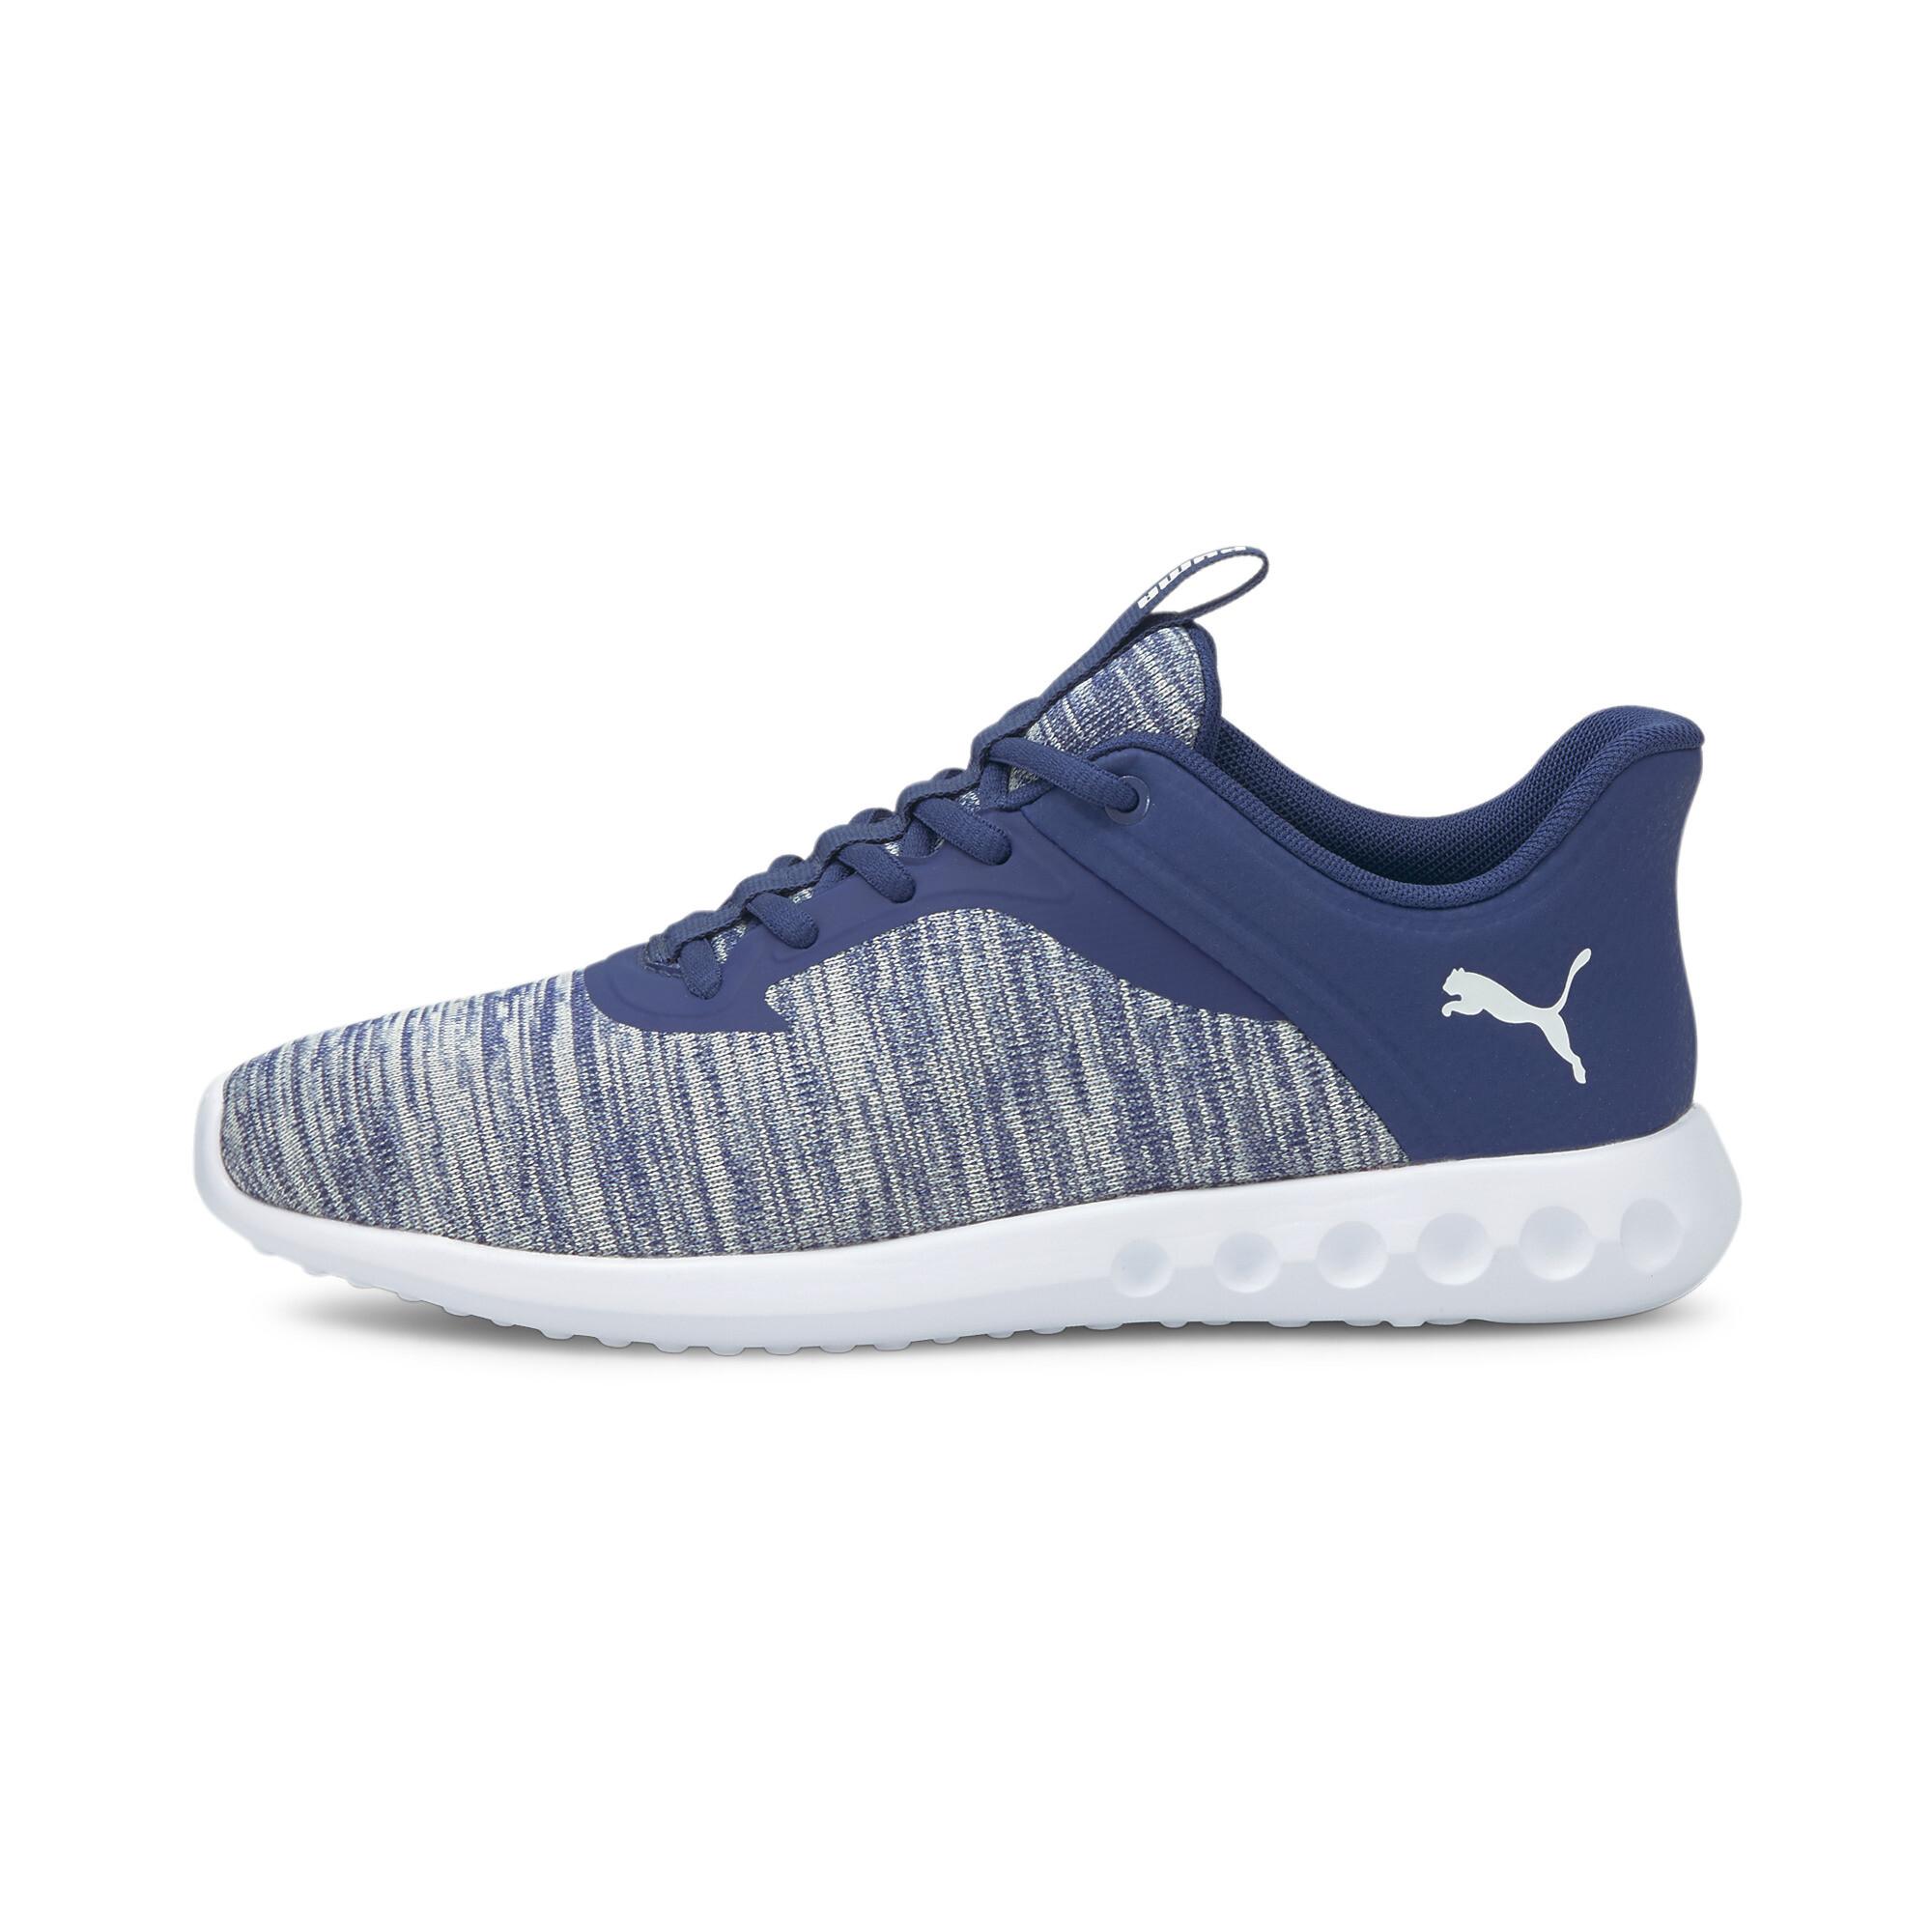 Elektro Blue-Puma White